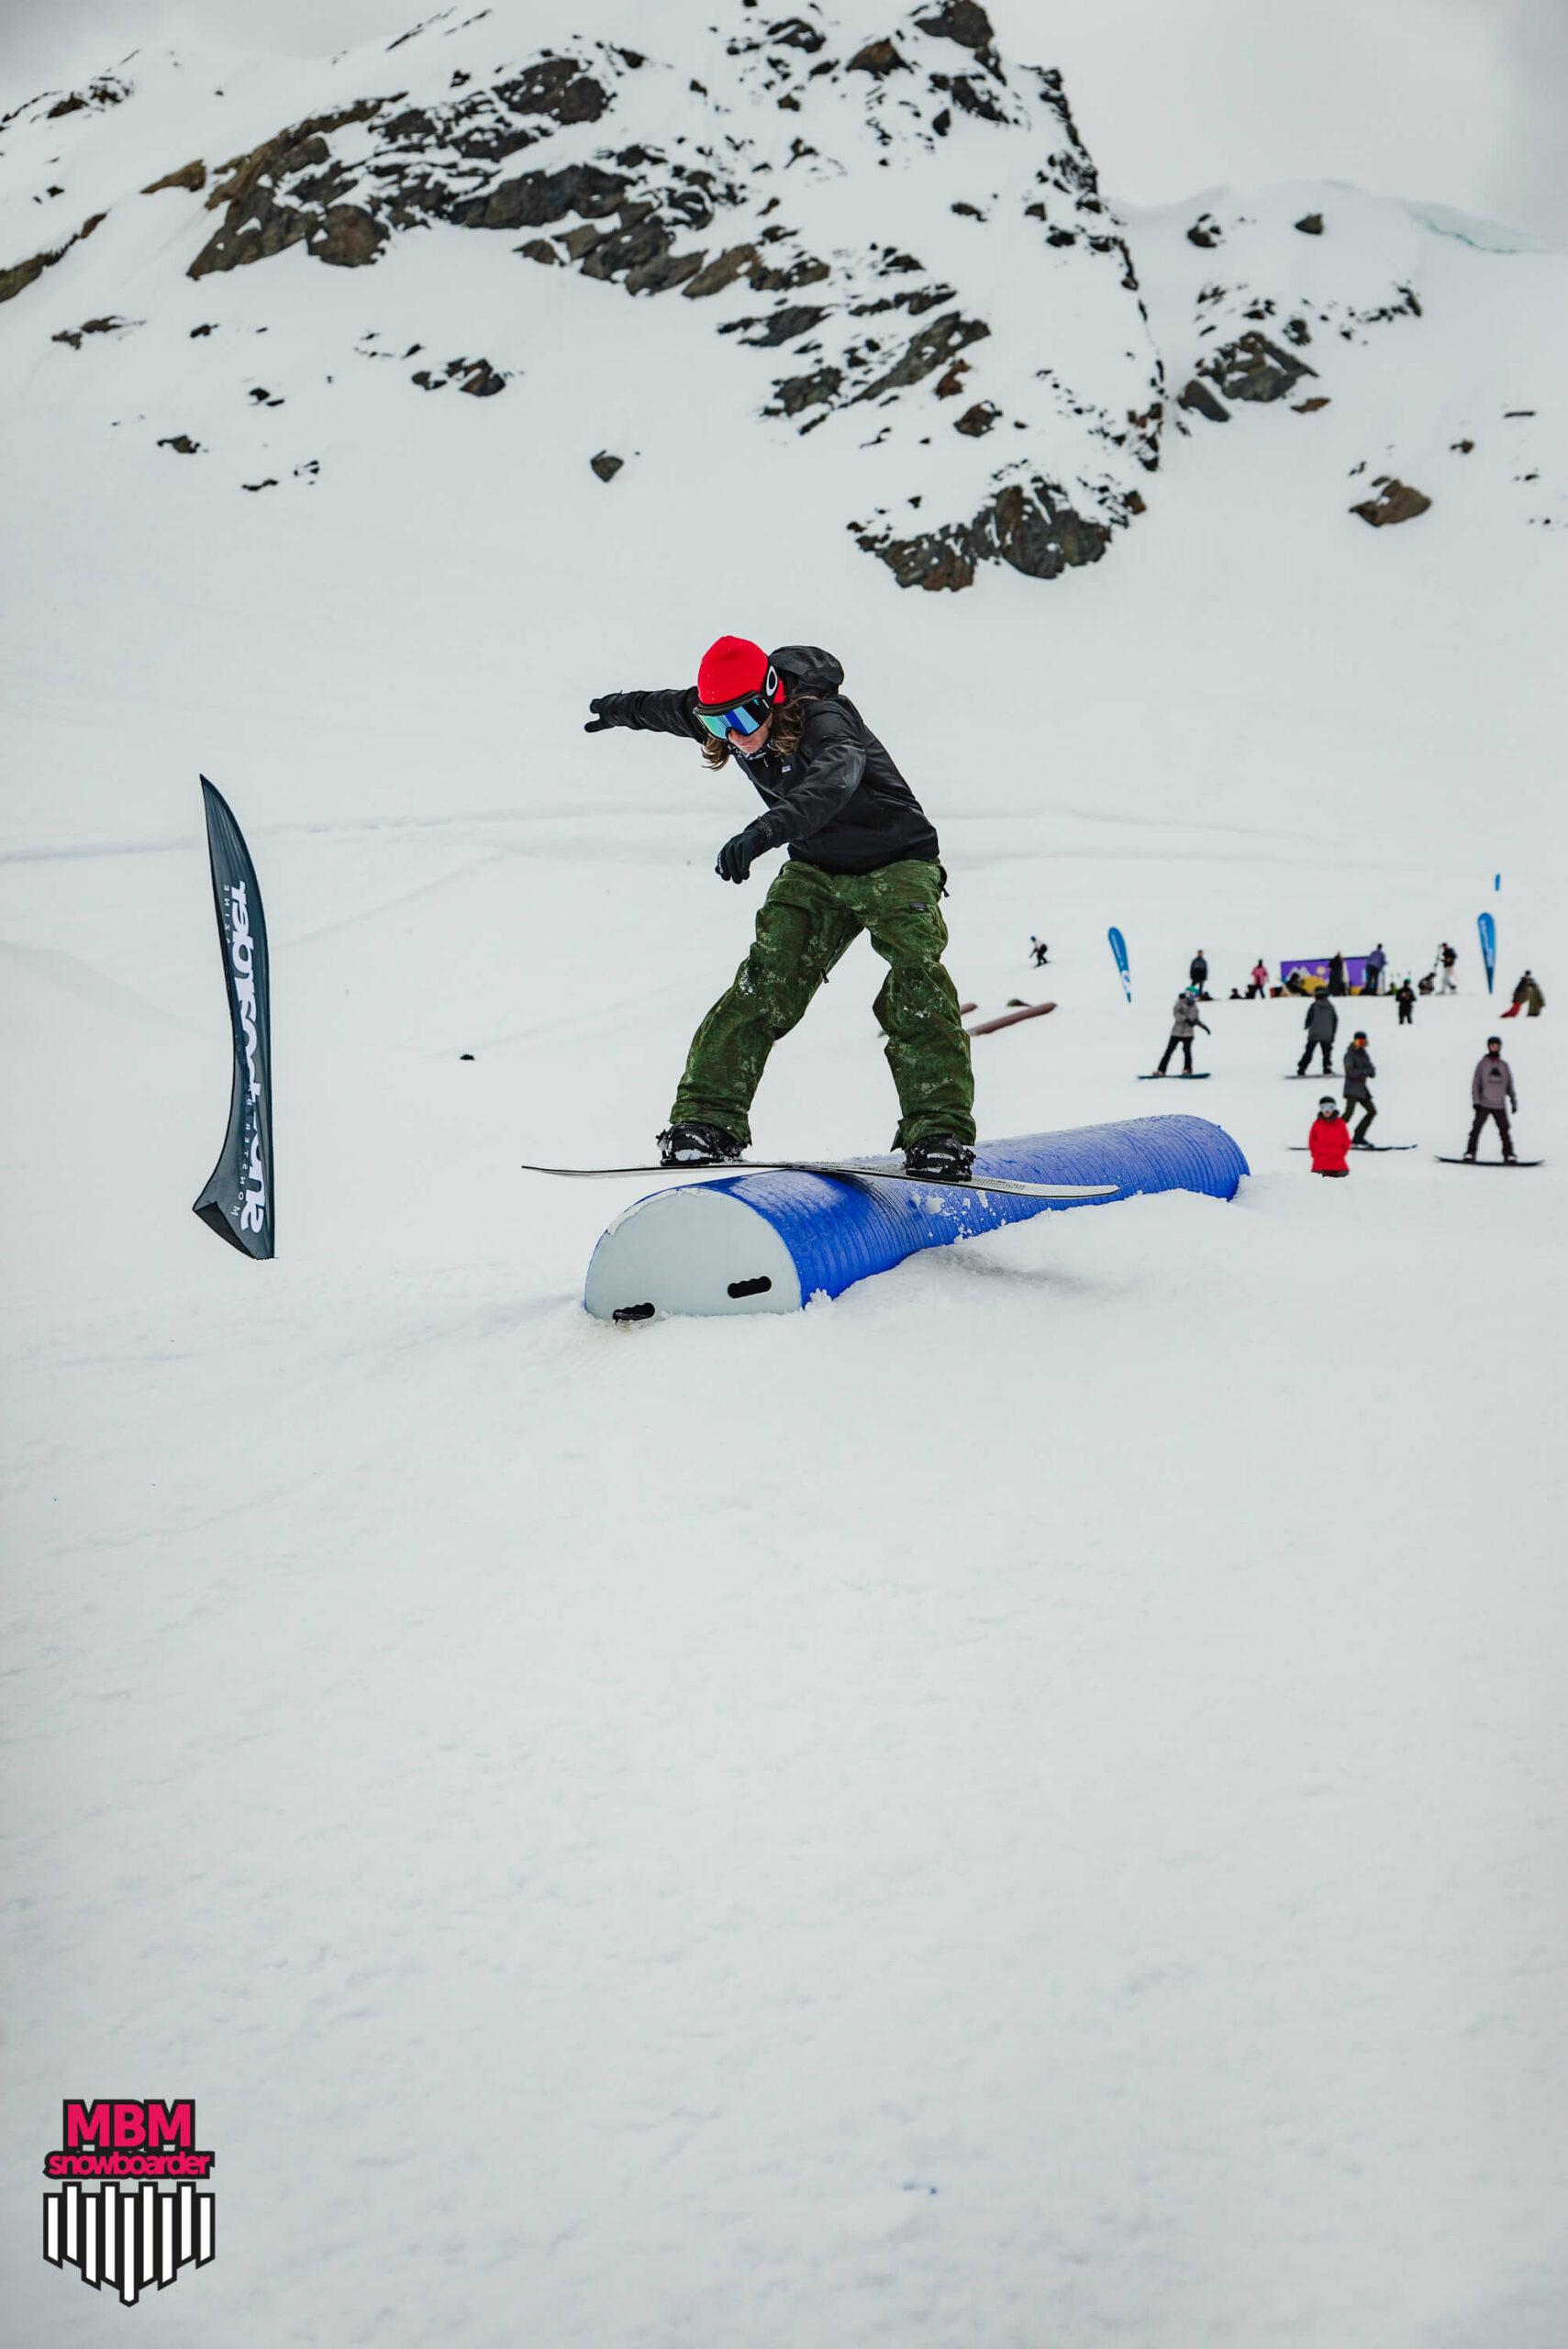 snowboarderMBM_sd_kaunertal_011